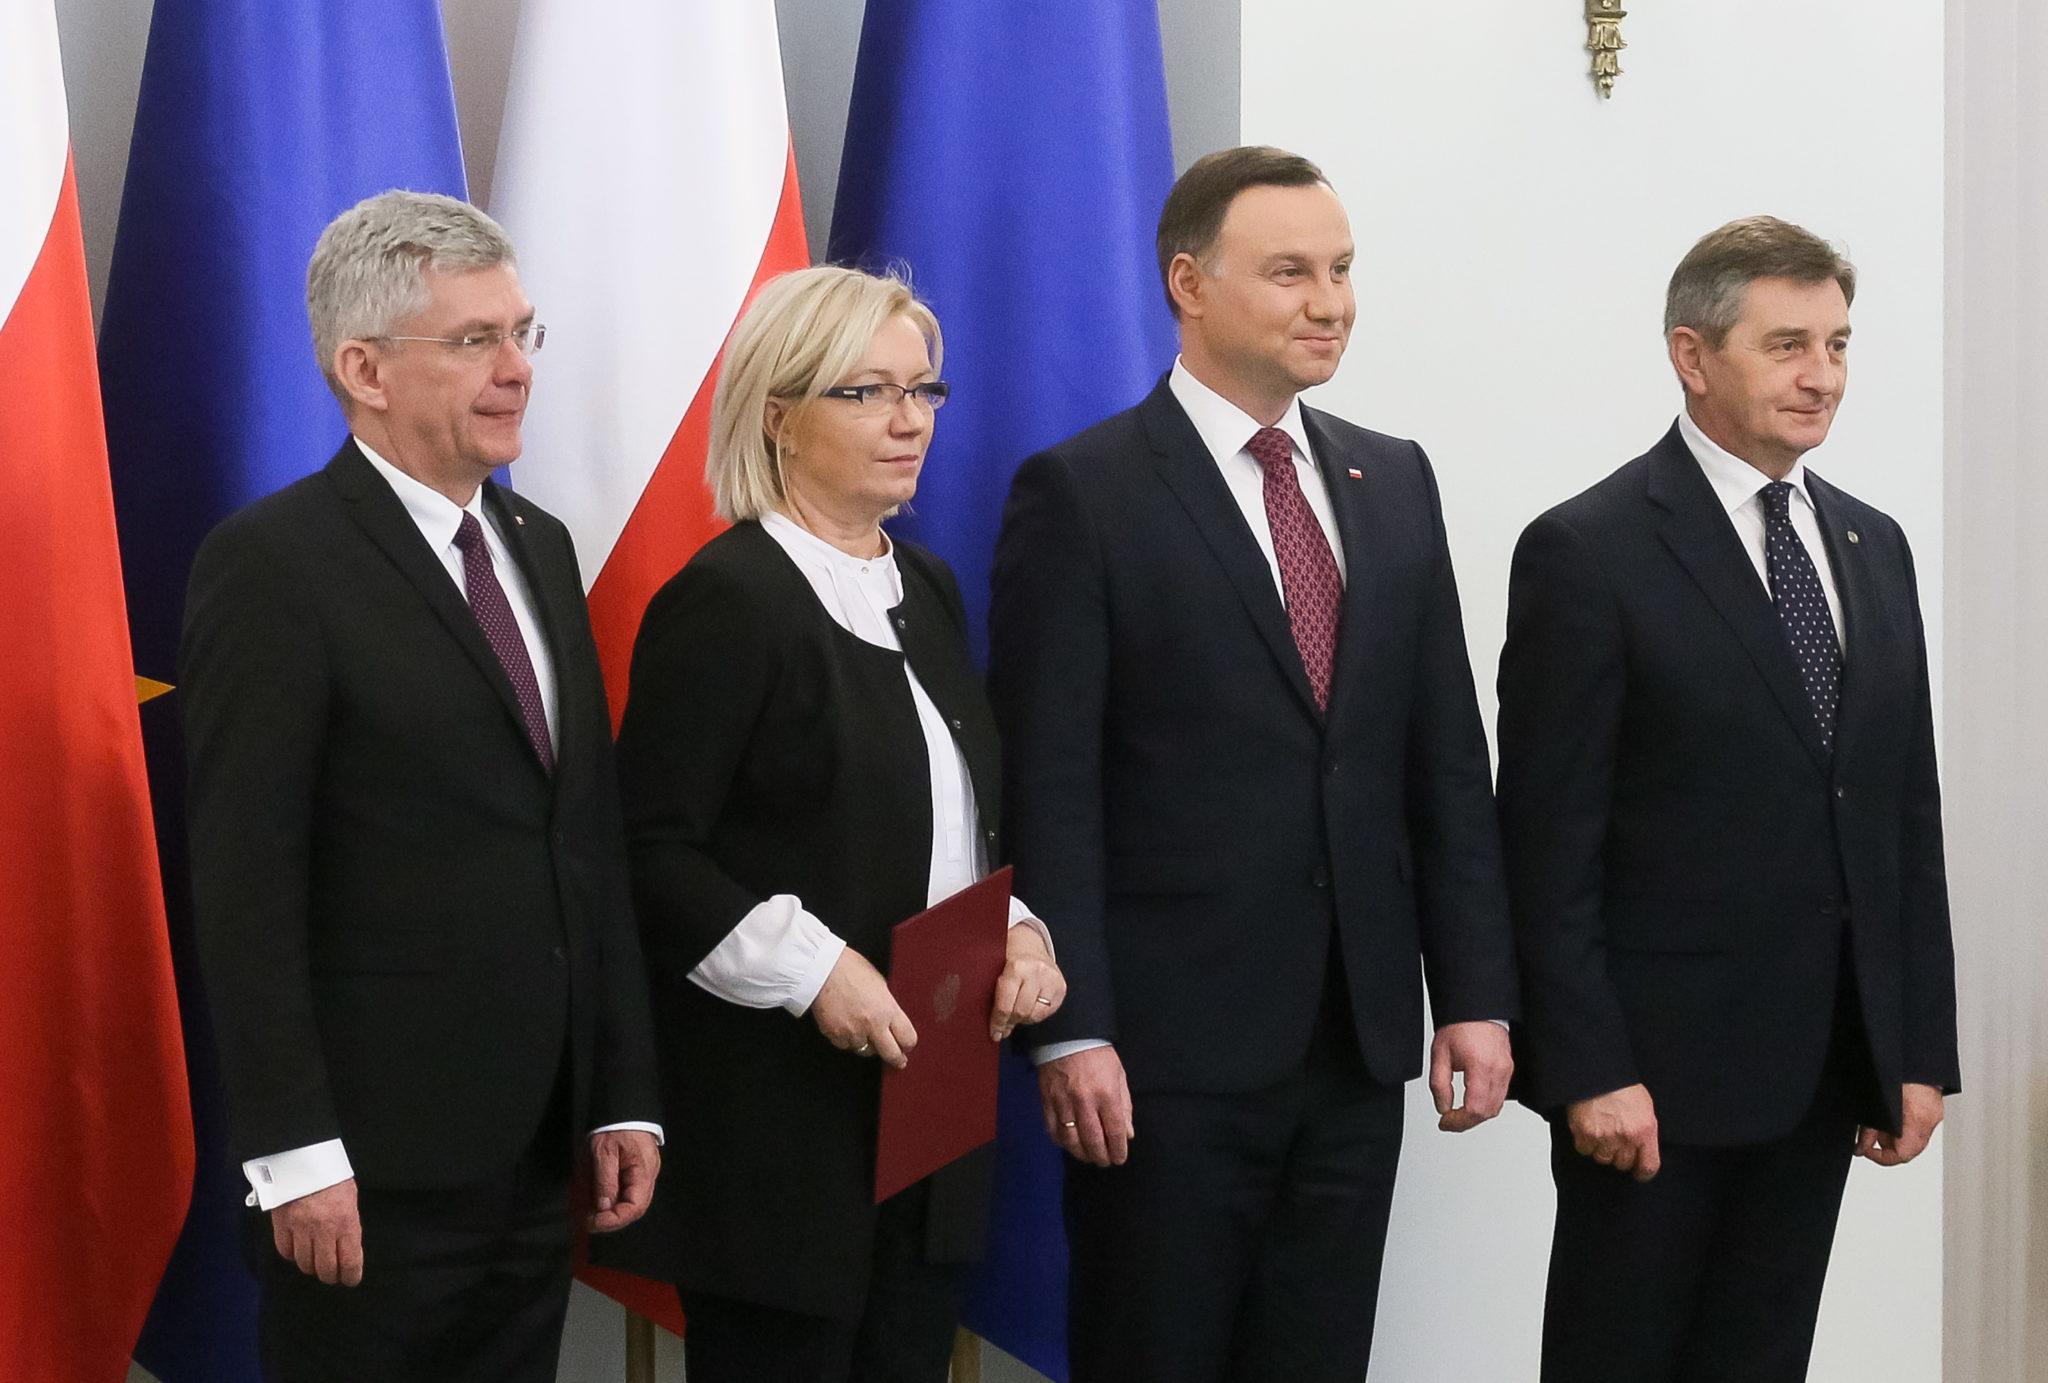 Polska: powołanie nowego prezesa Trybunału Konstytucyjnego w Pałacu Prezydenckim w Warszawie (foto. PAP/Paweł Supernak)